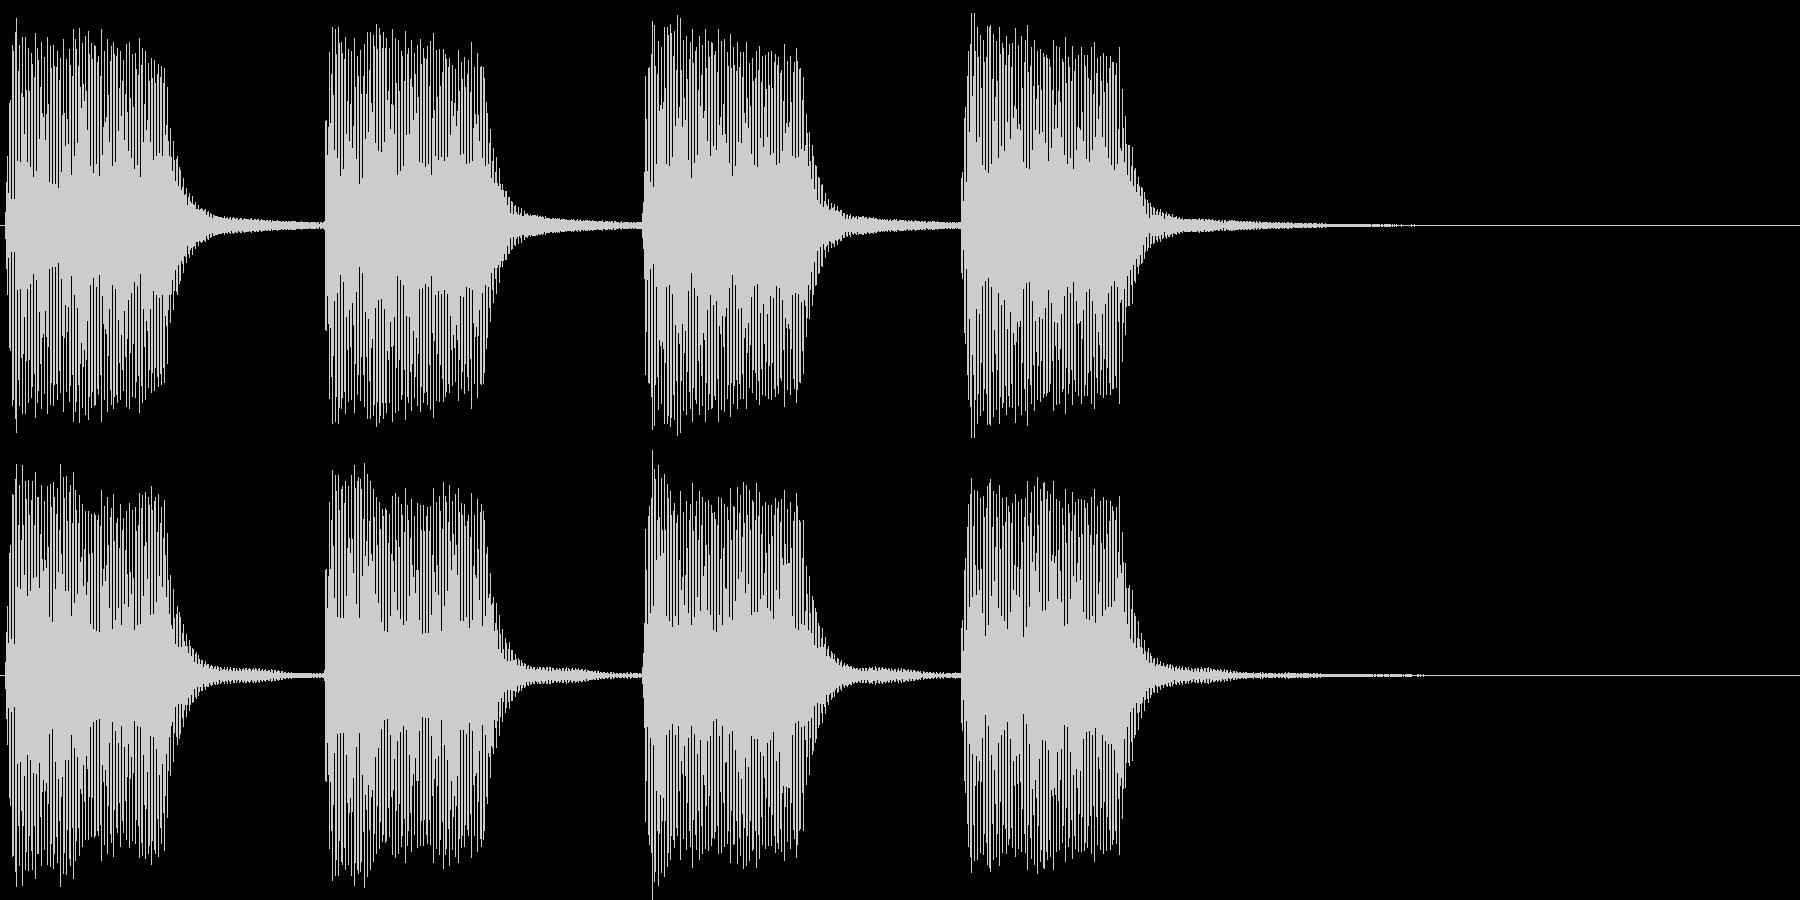 ヴィーヴィー。緊急事態の警報音Eの未再生の波形